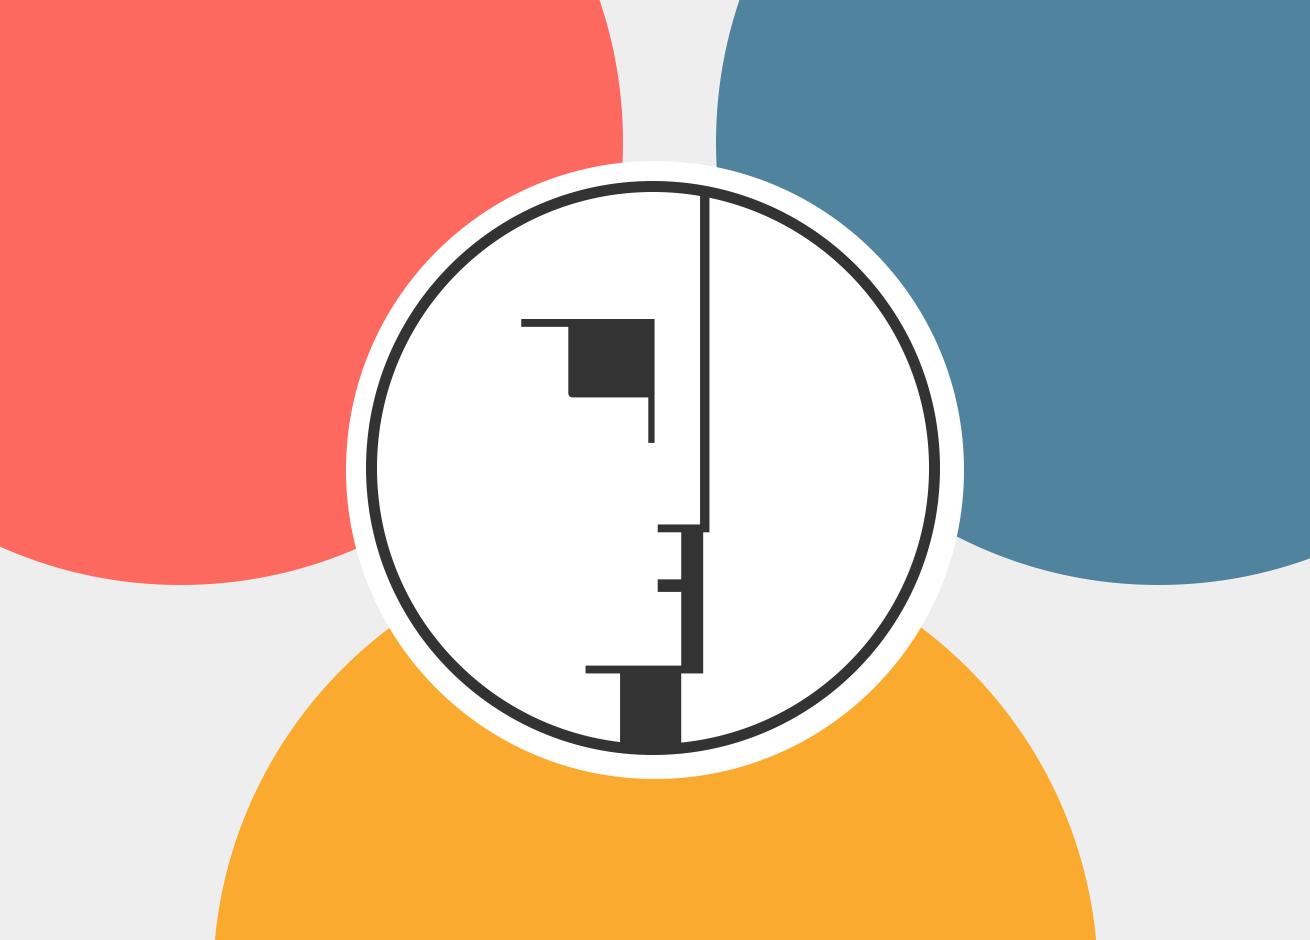 El Diseño Desde La Bauhaus Hasta La Actualidad Blog Ida Chile Estrategia Para El éxito De Tu Negocio